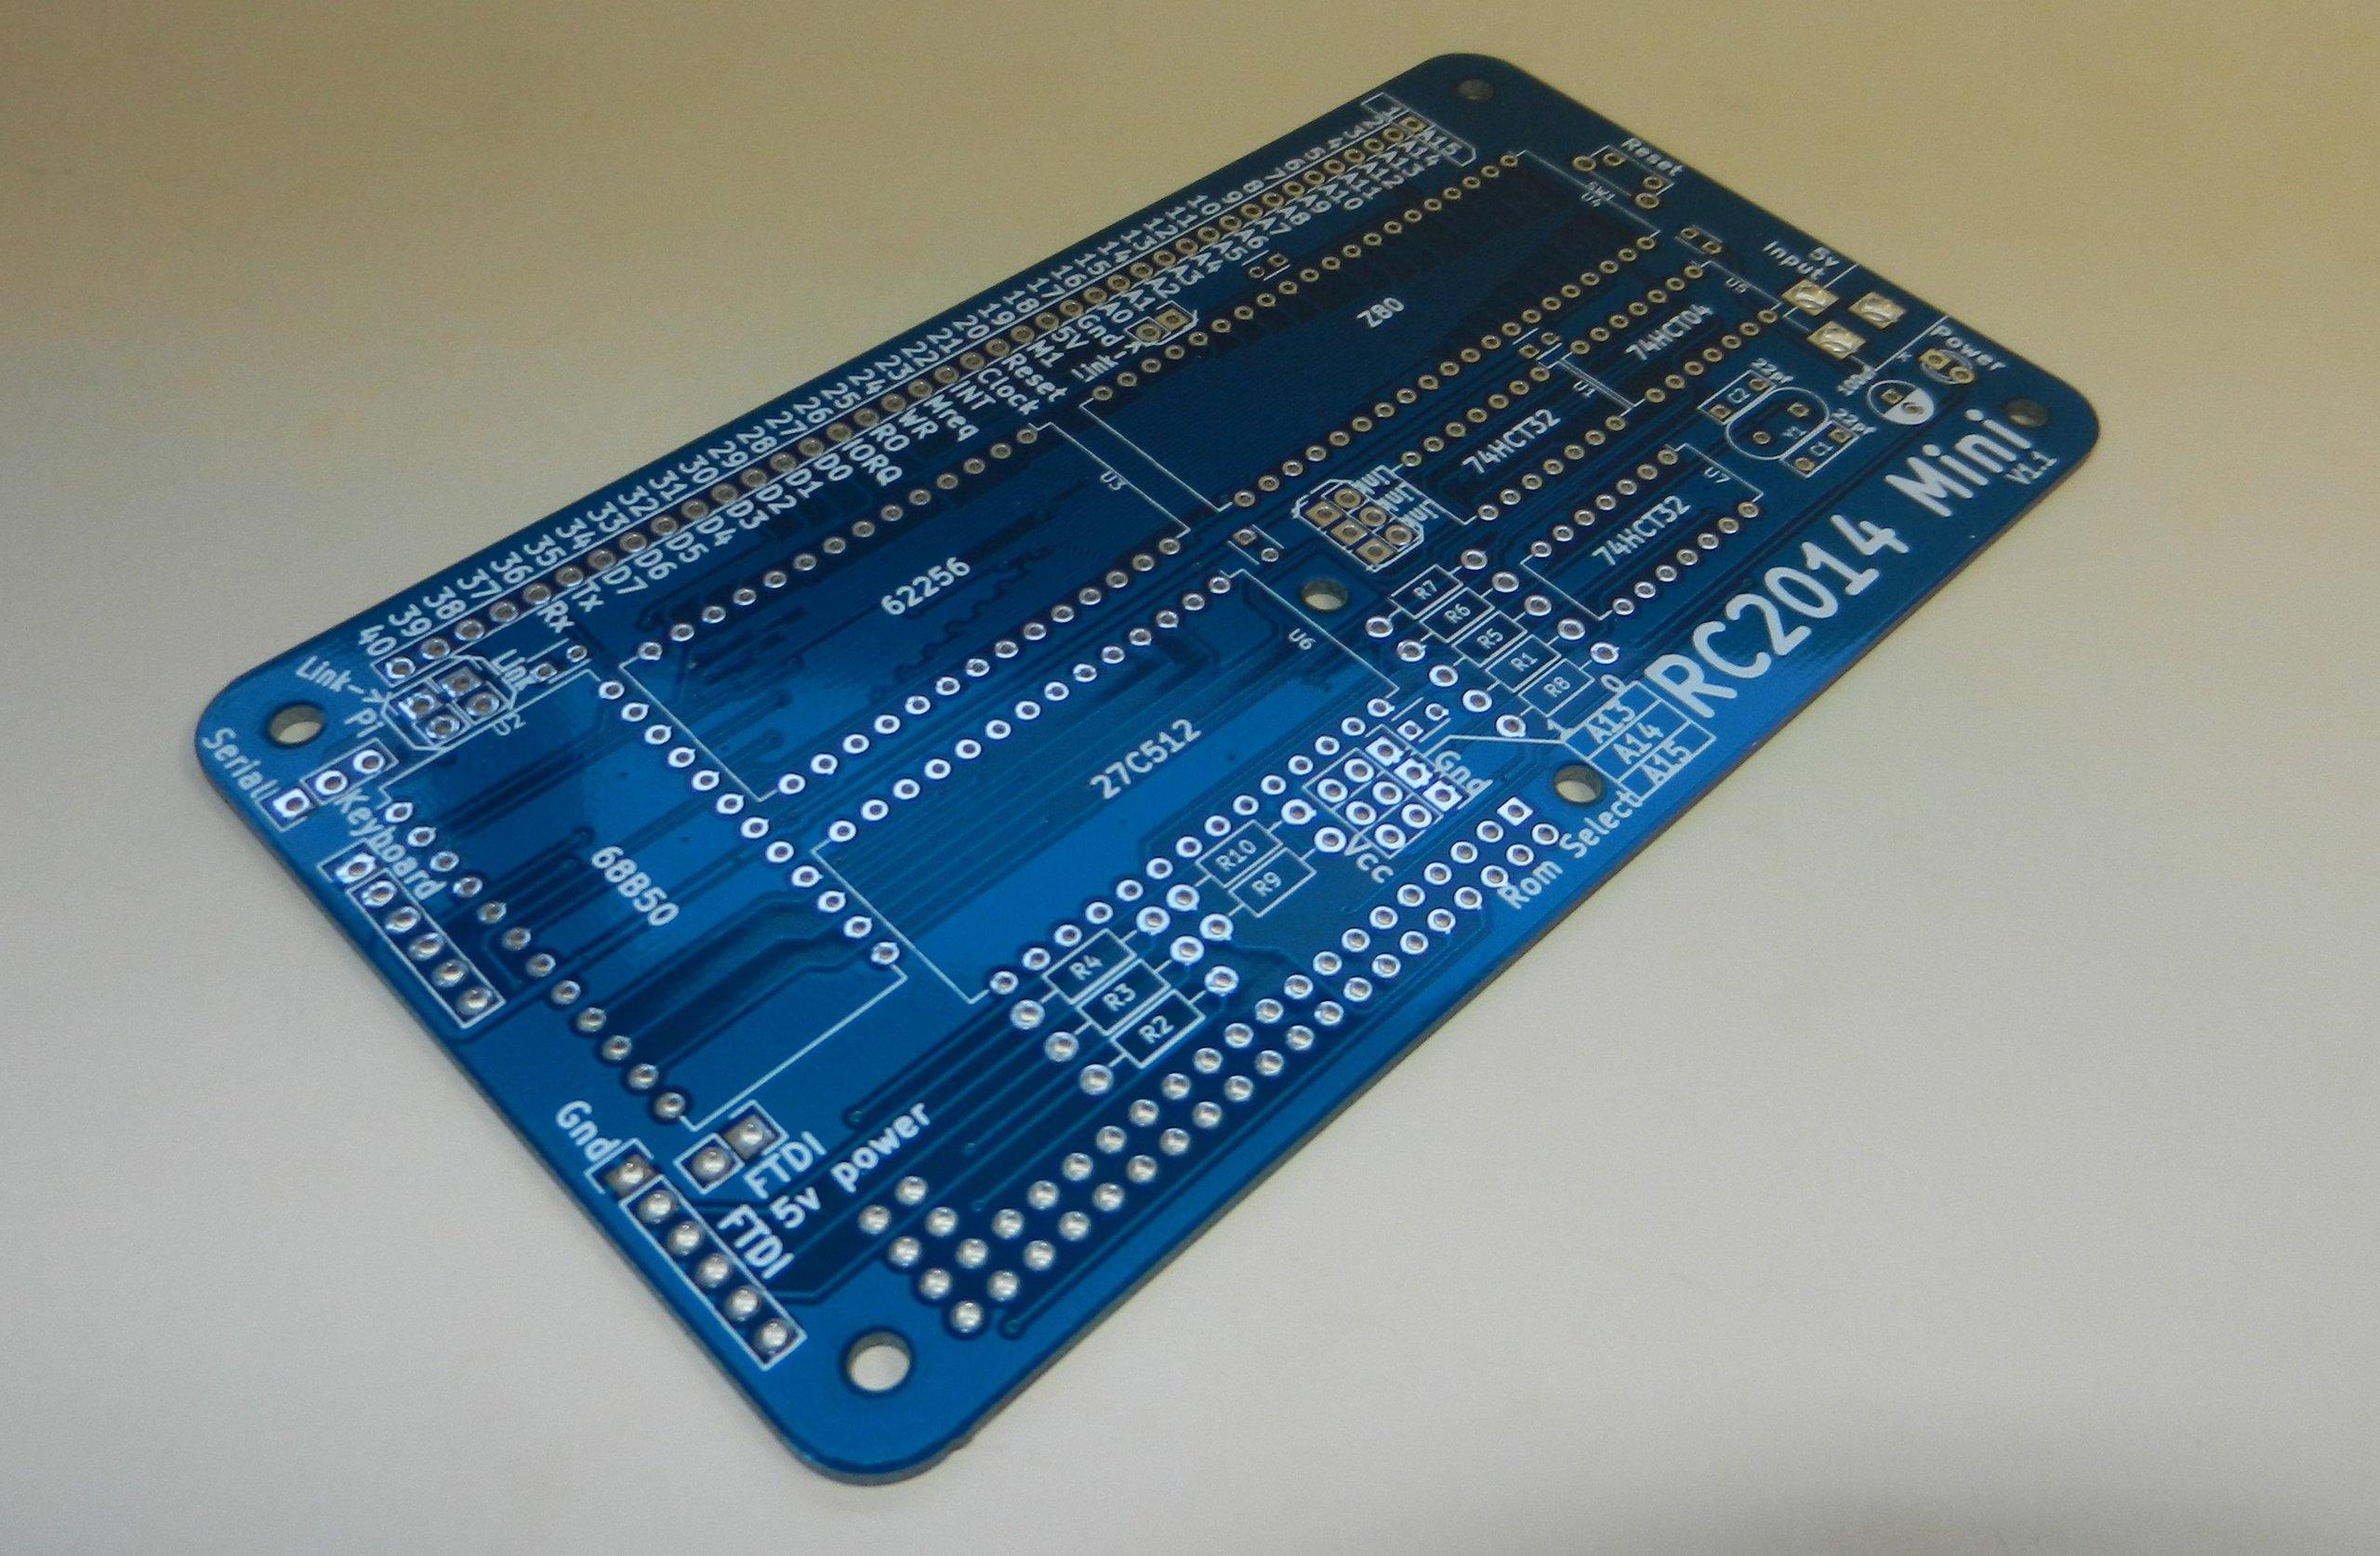 Z80 diy kit